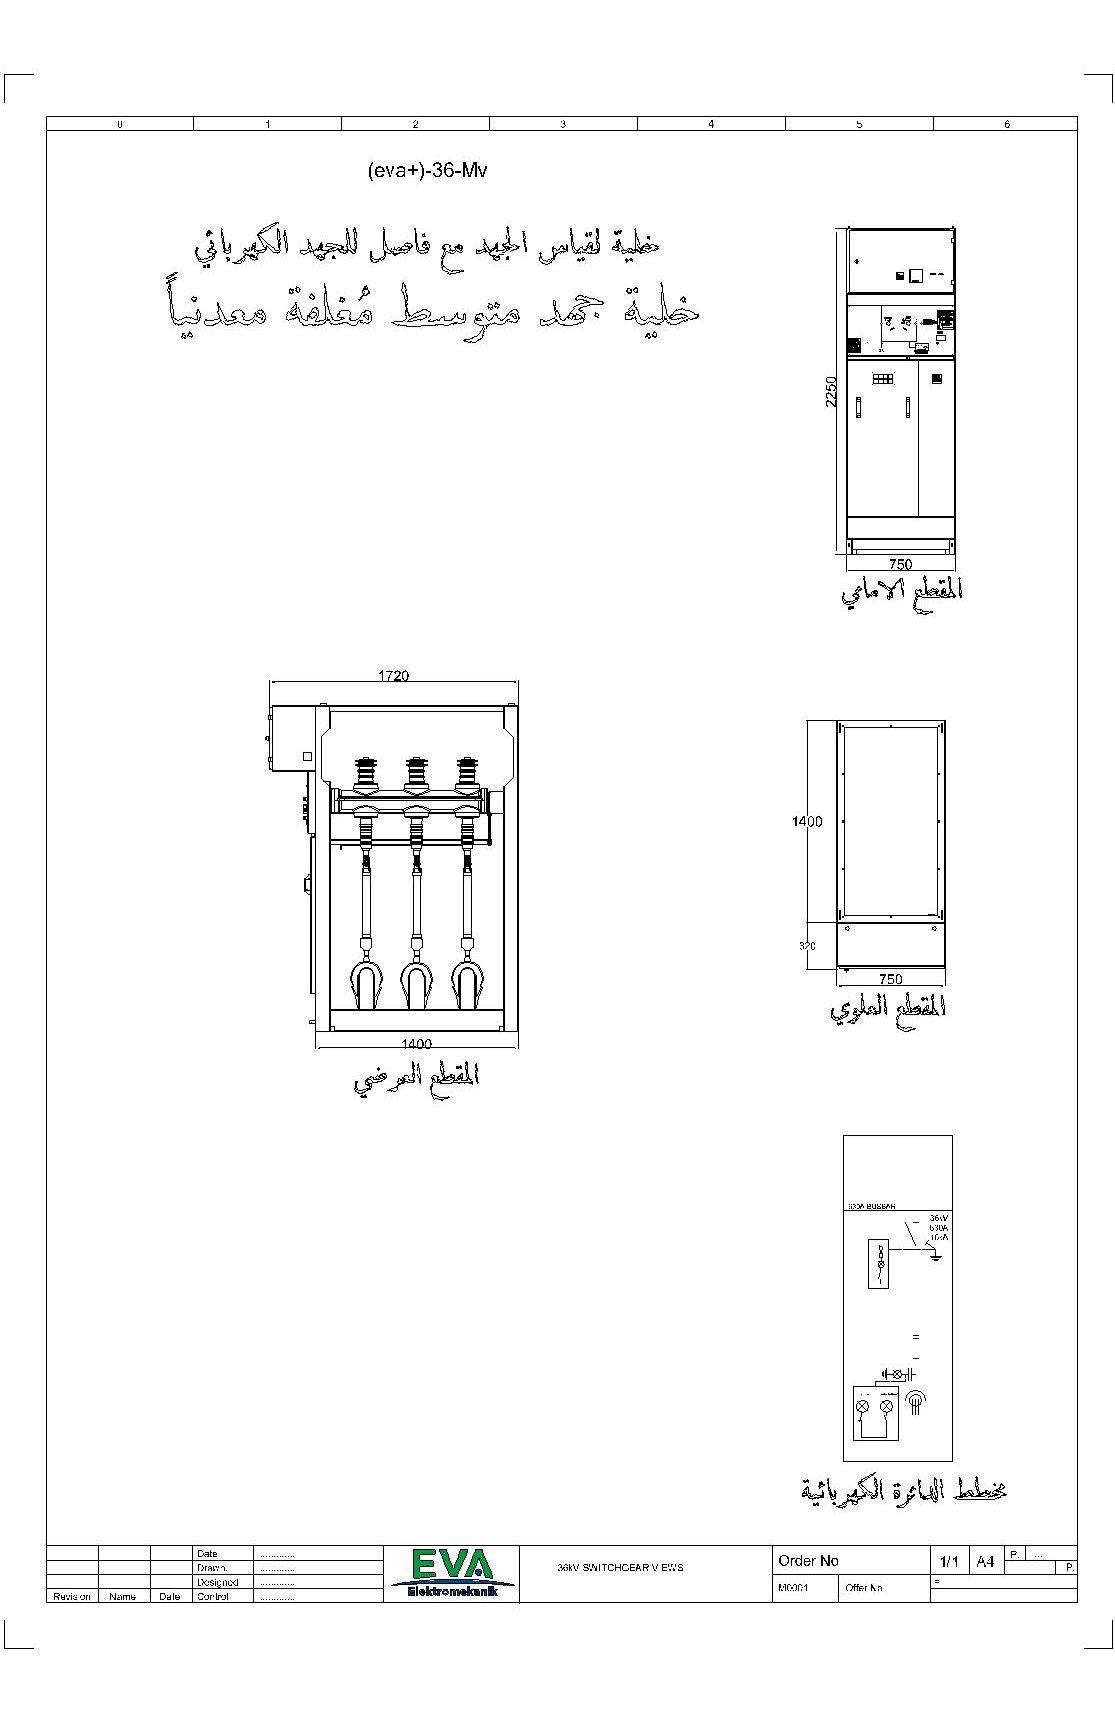 خلية لقياس الجهد مع فاصل للجهد الكهربائي